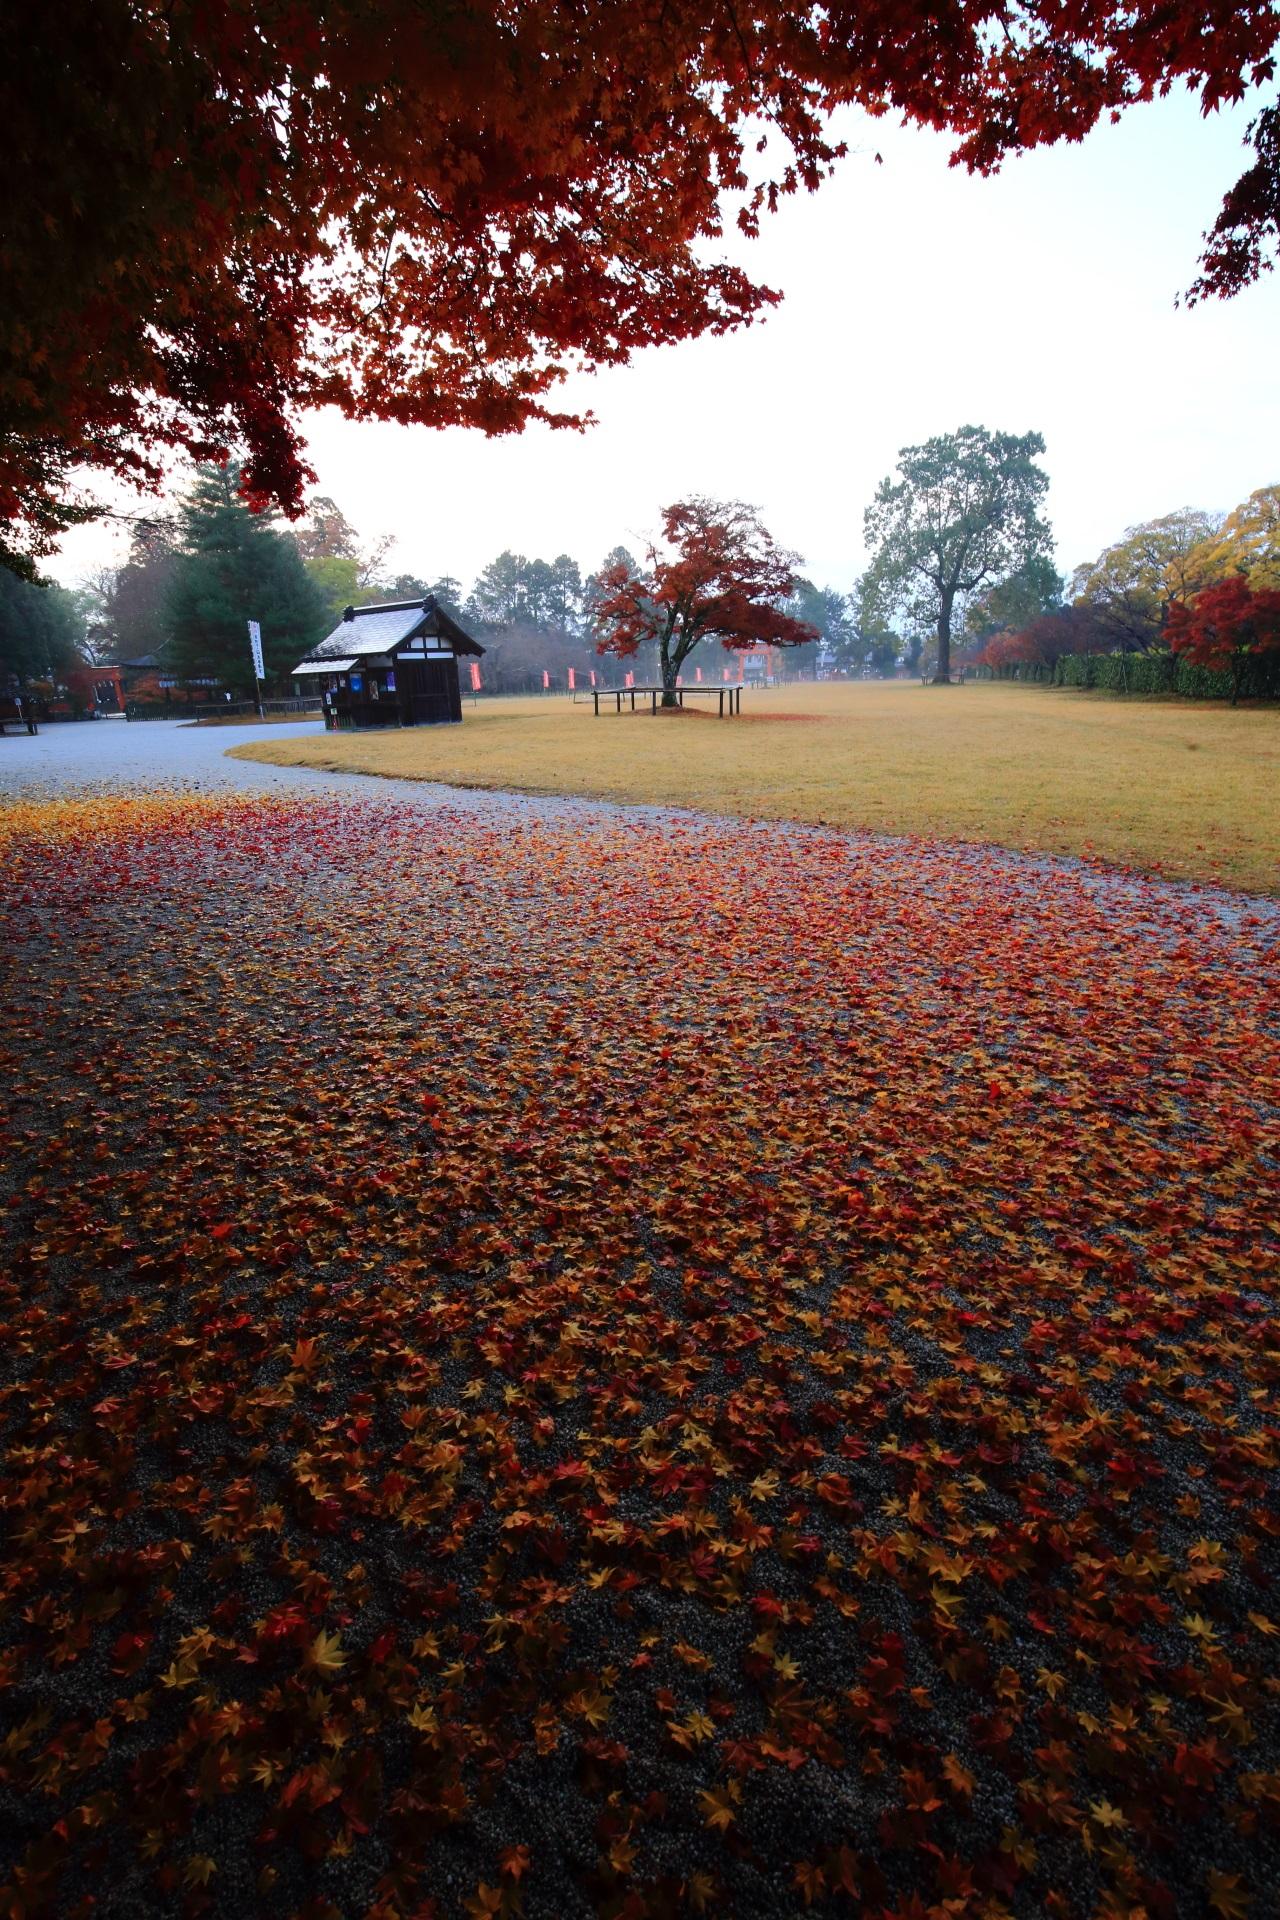 ほのかに照らされる散り紅葉と散り銀杏